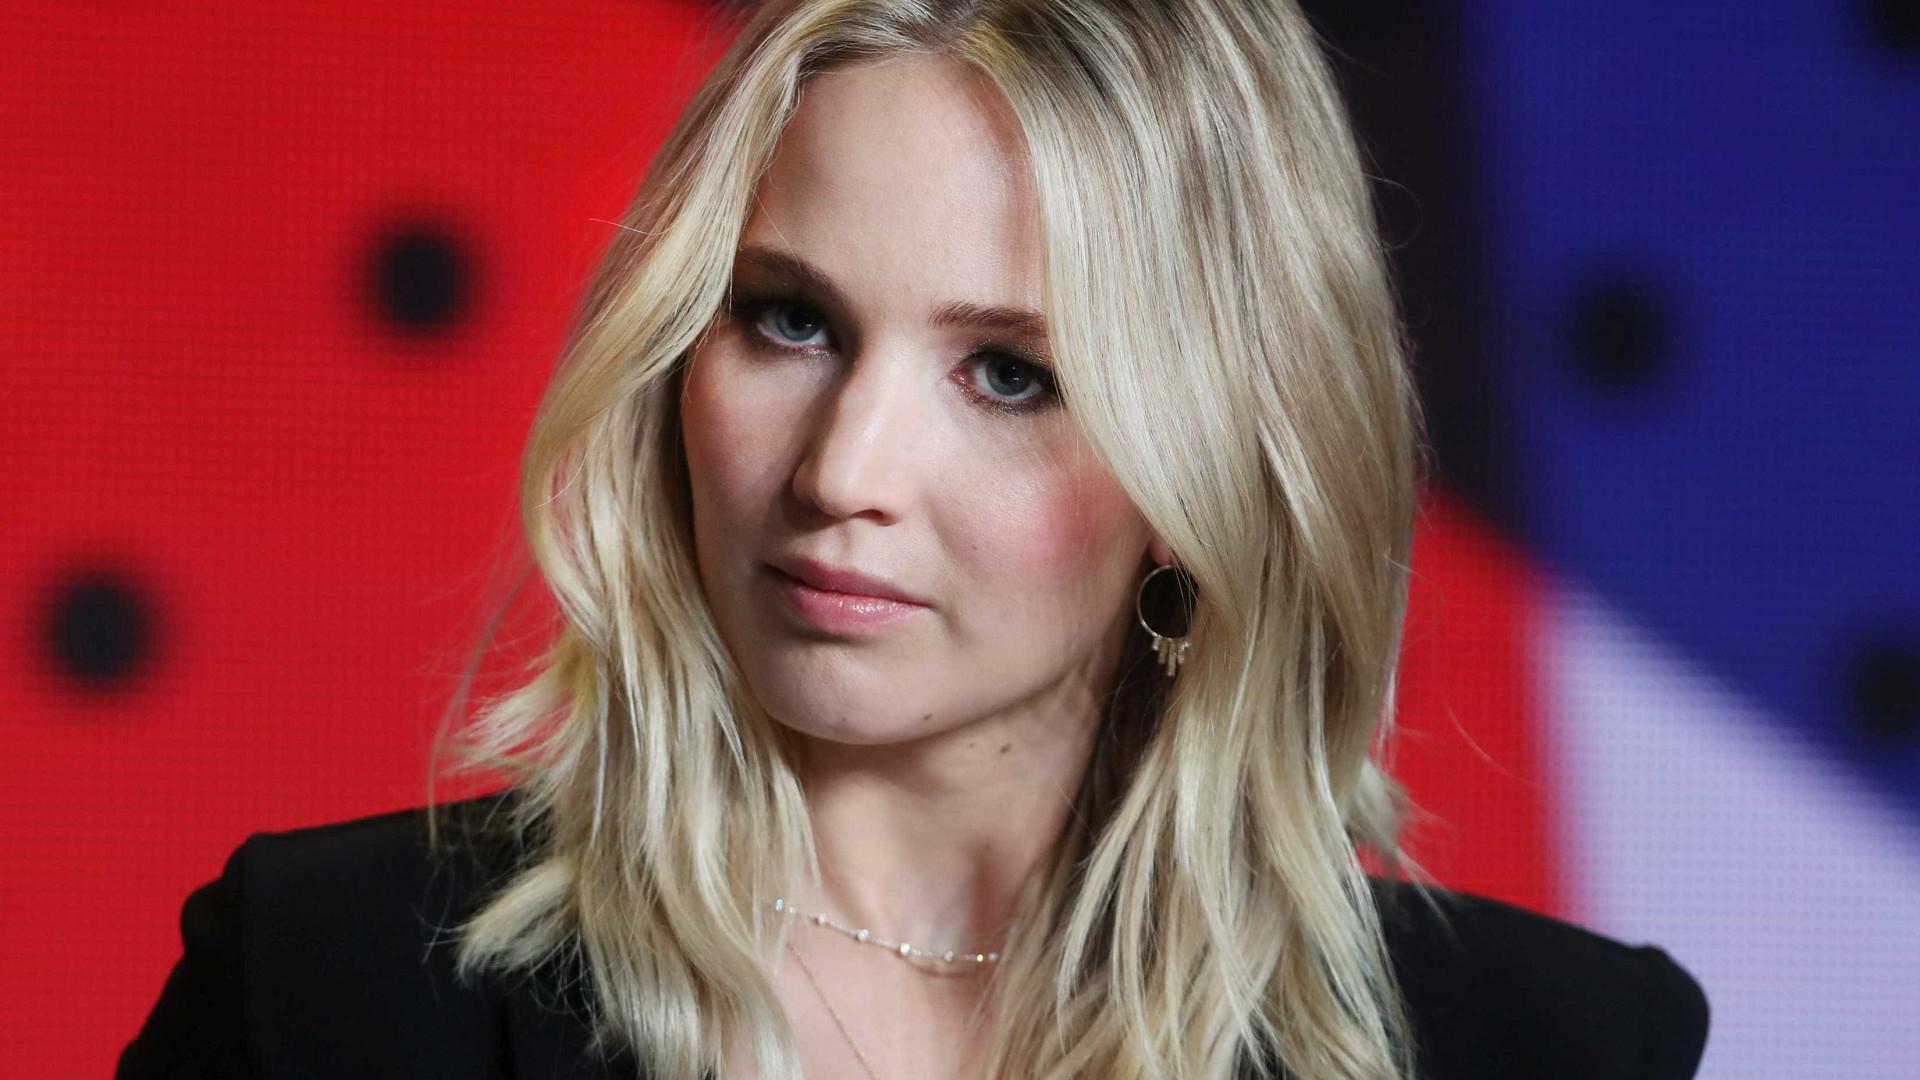 Fotos de Lawrence nua: atriz ainda se recupera do choque após 3 anos